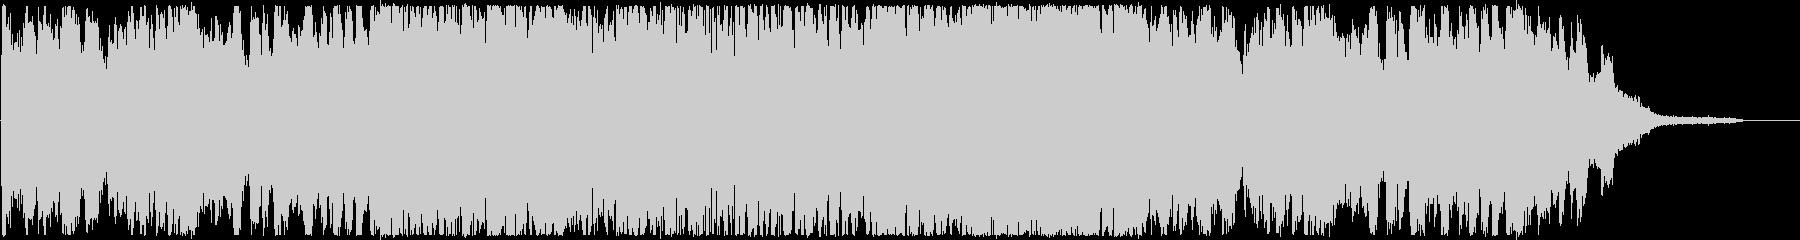 エンディング・おしゃれなR&Bの未再生の波形